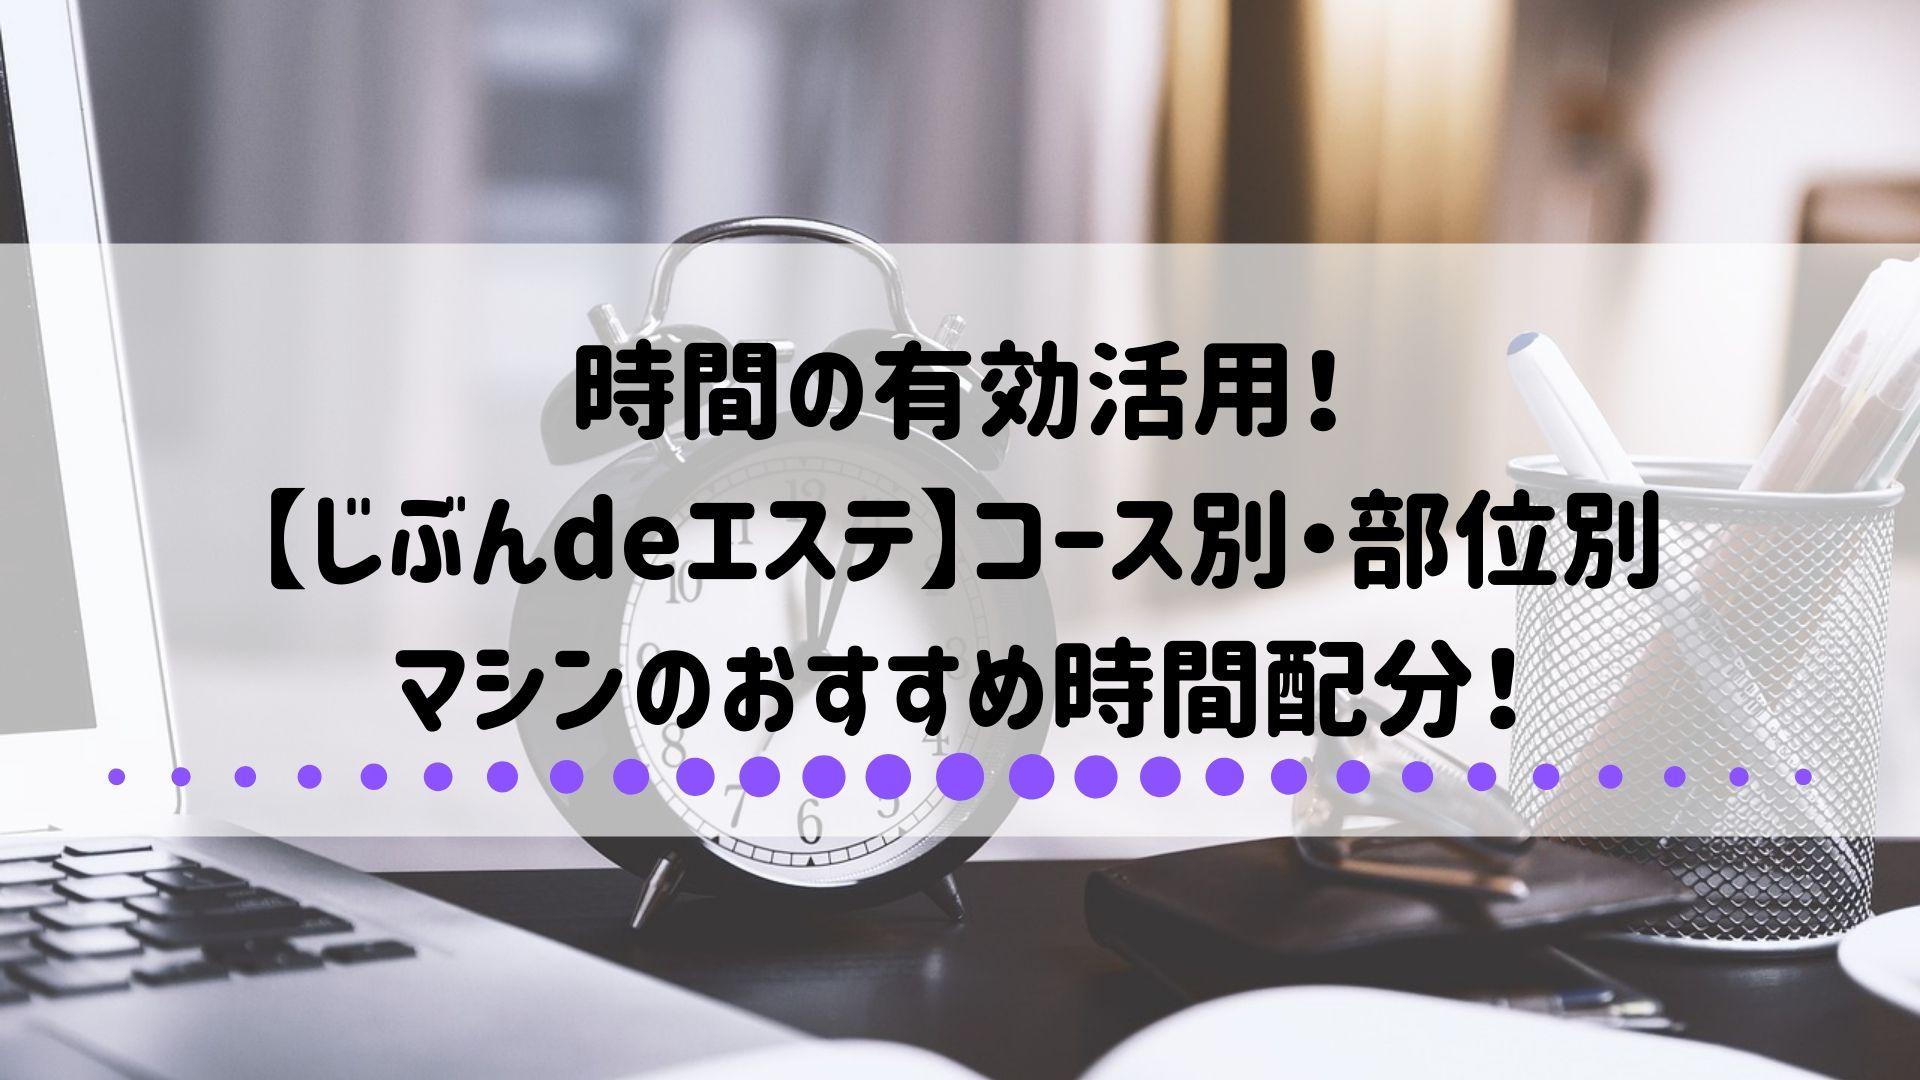 時間の有効活用! 【じぶんdeエステ】コース別・部位別 マシンのおすすめ時間配分!